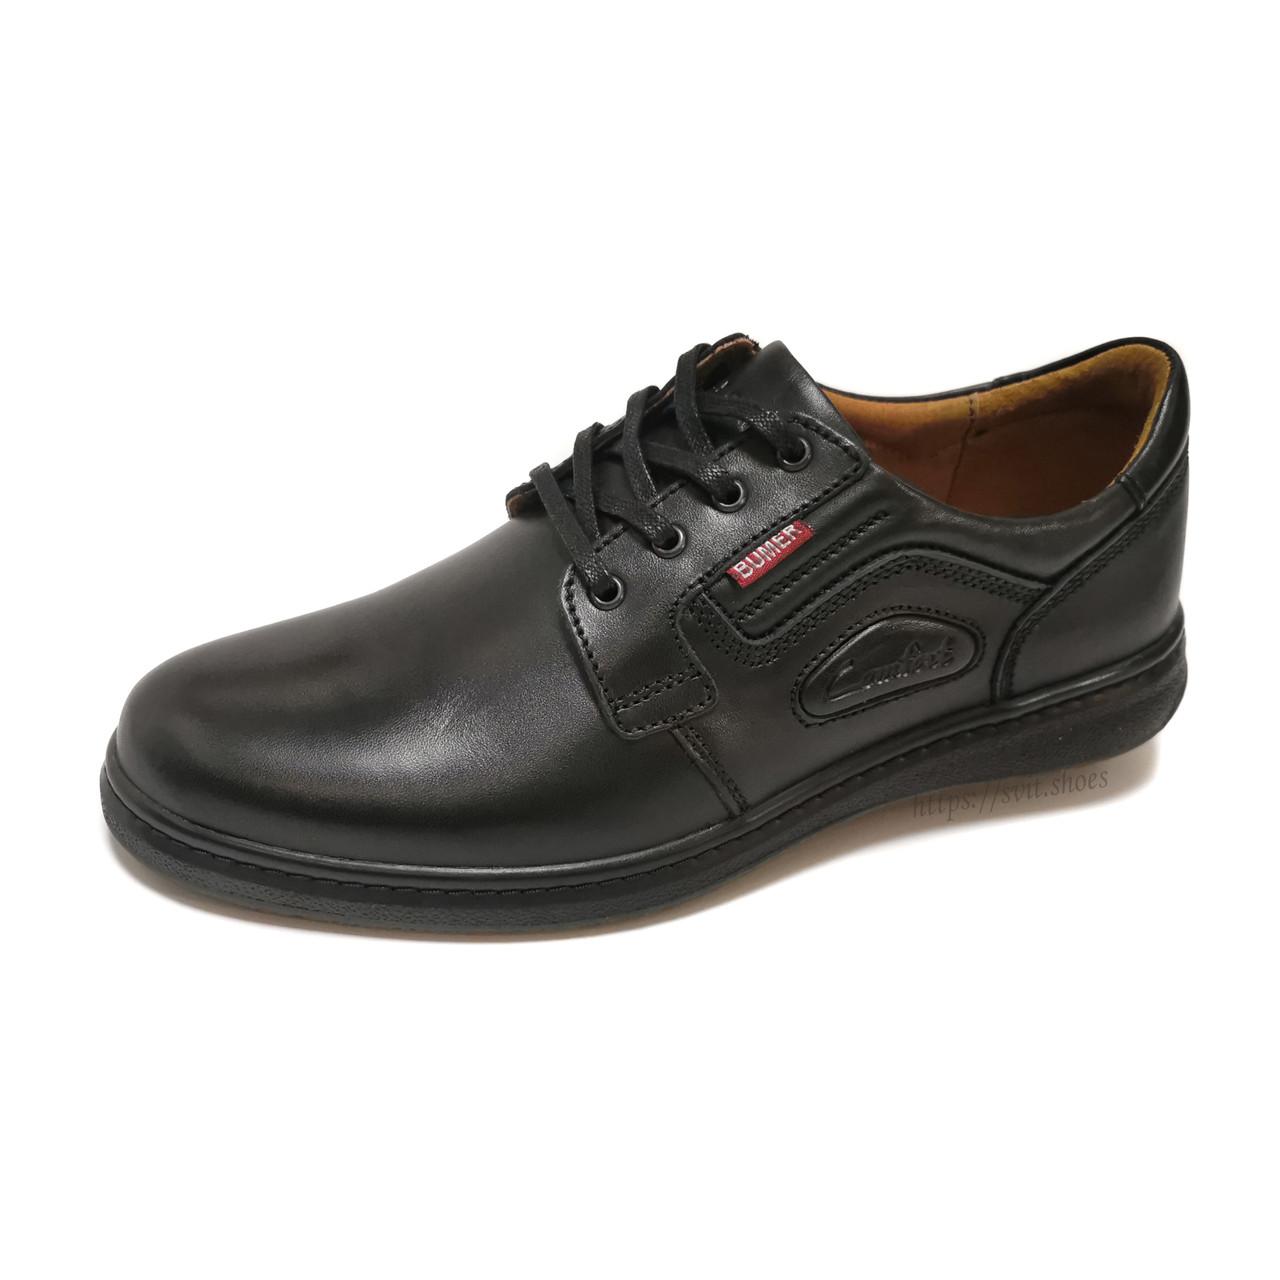 Туфли мужские Bumer 150 кожа